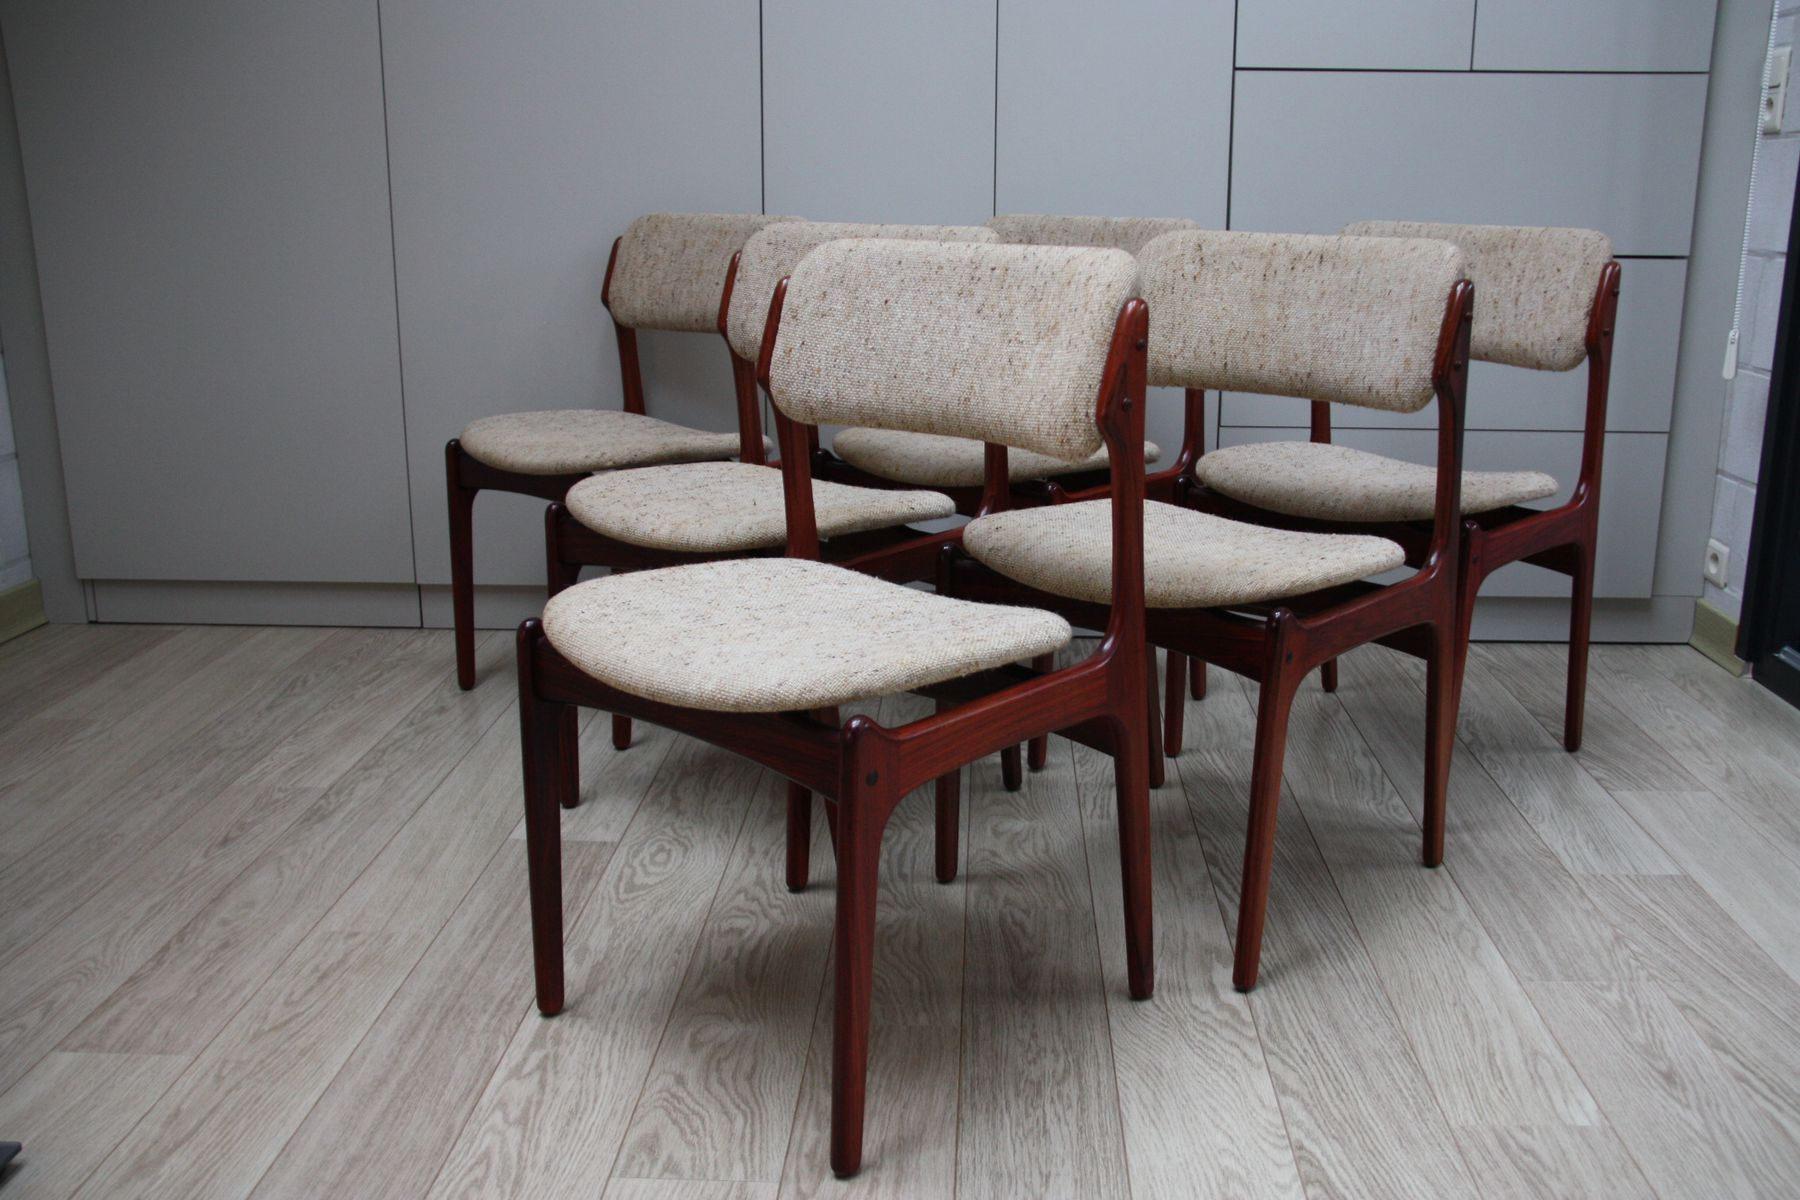 modell 49 palisander esszimmerstuehle von erik buch fuer o d mobler 1960er 6er set 3 Top Ergebnis